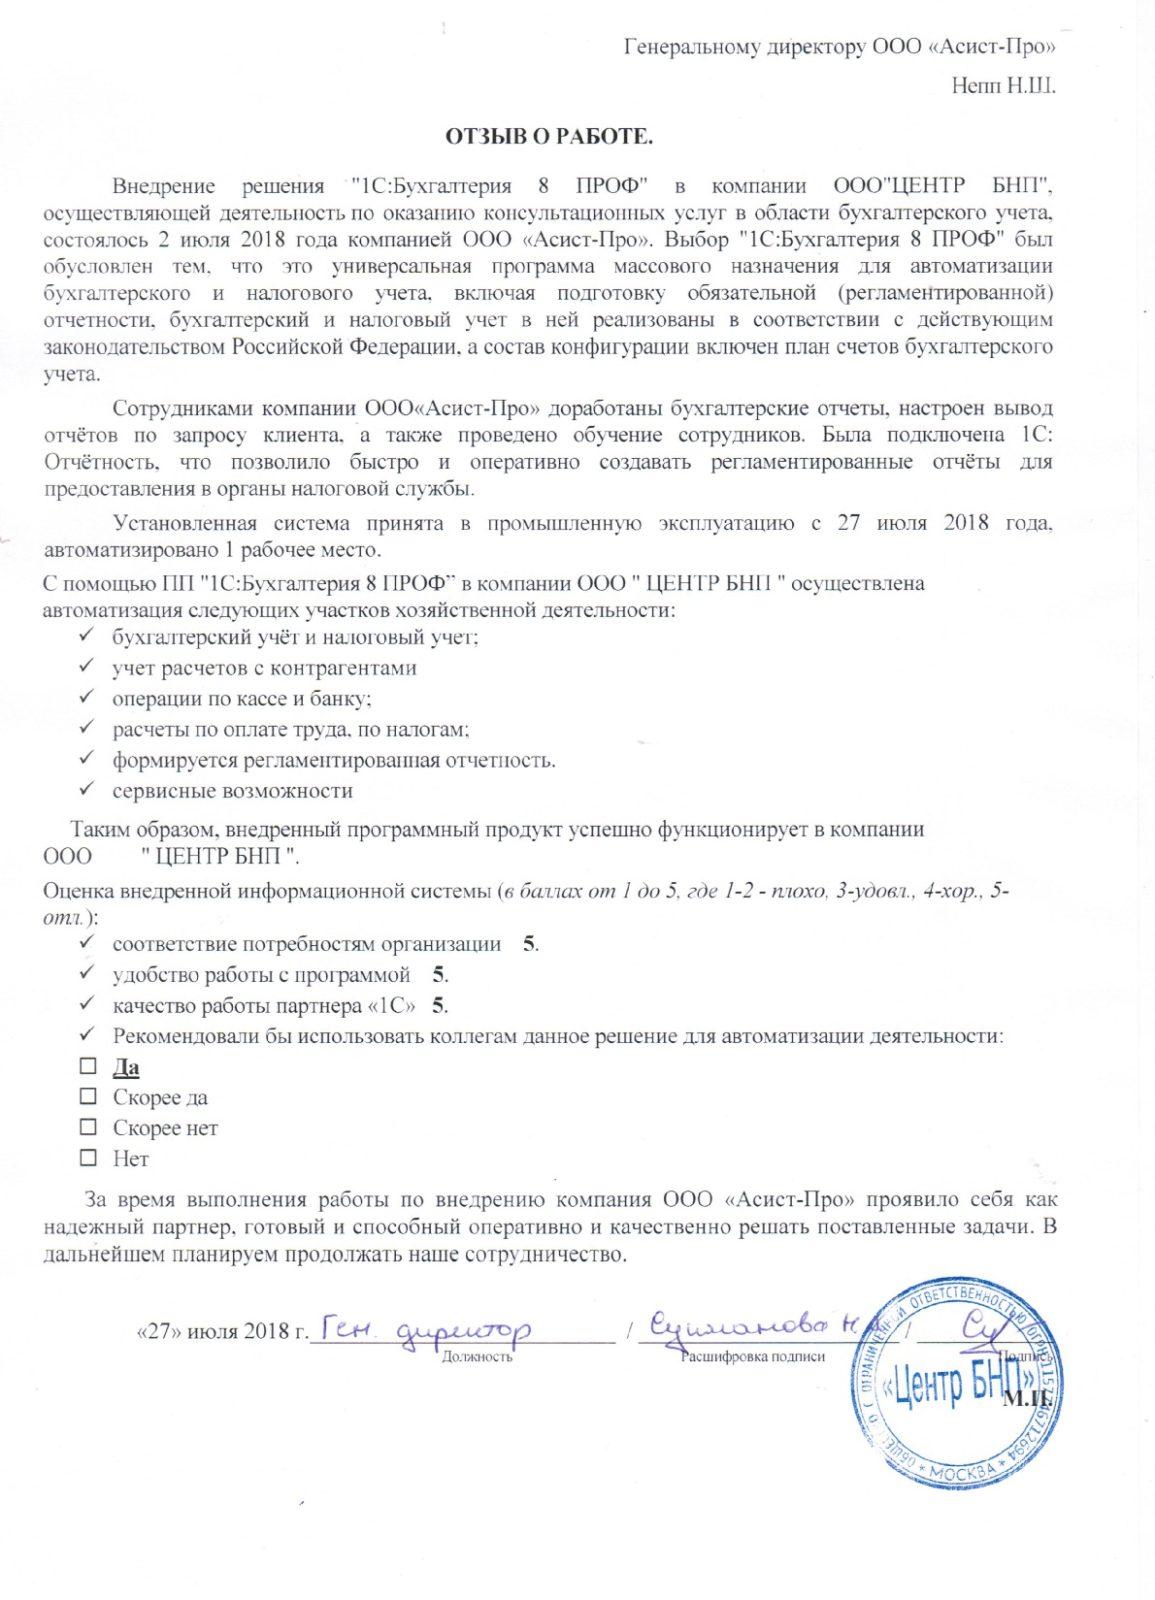 """ОТЗЫВ О РАБОТЕ - ООО """"ТДСТ"""""""